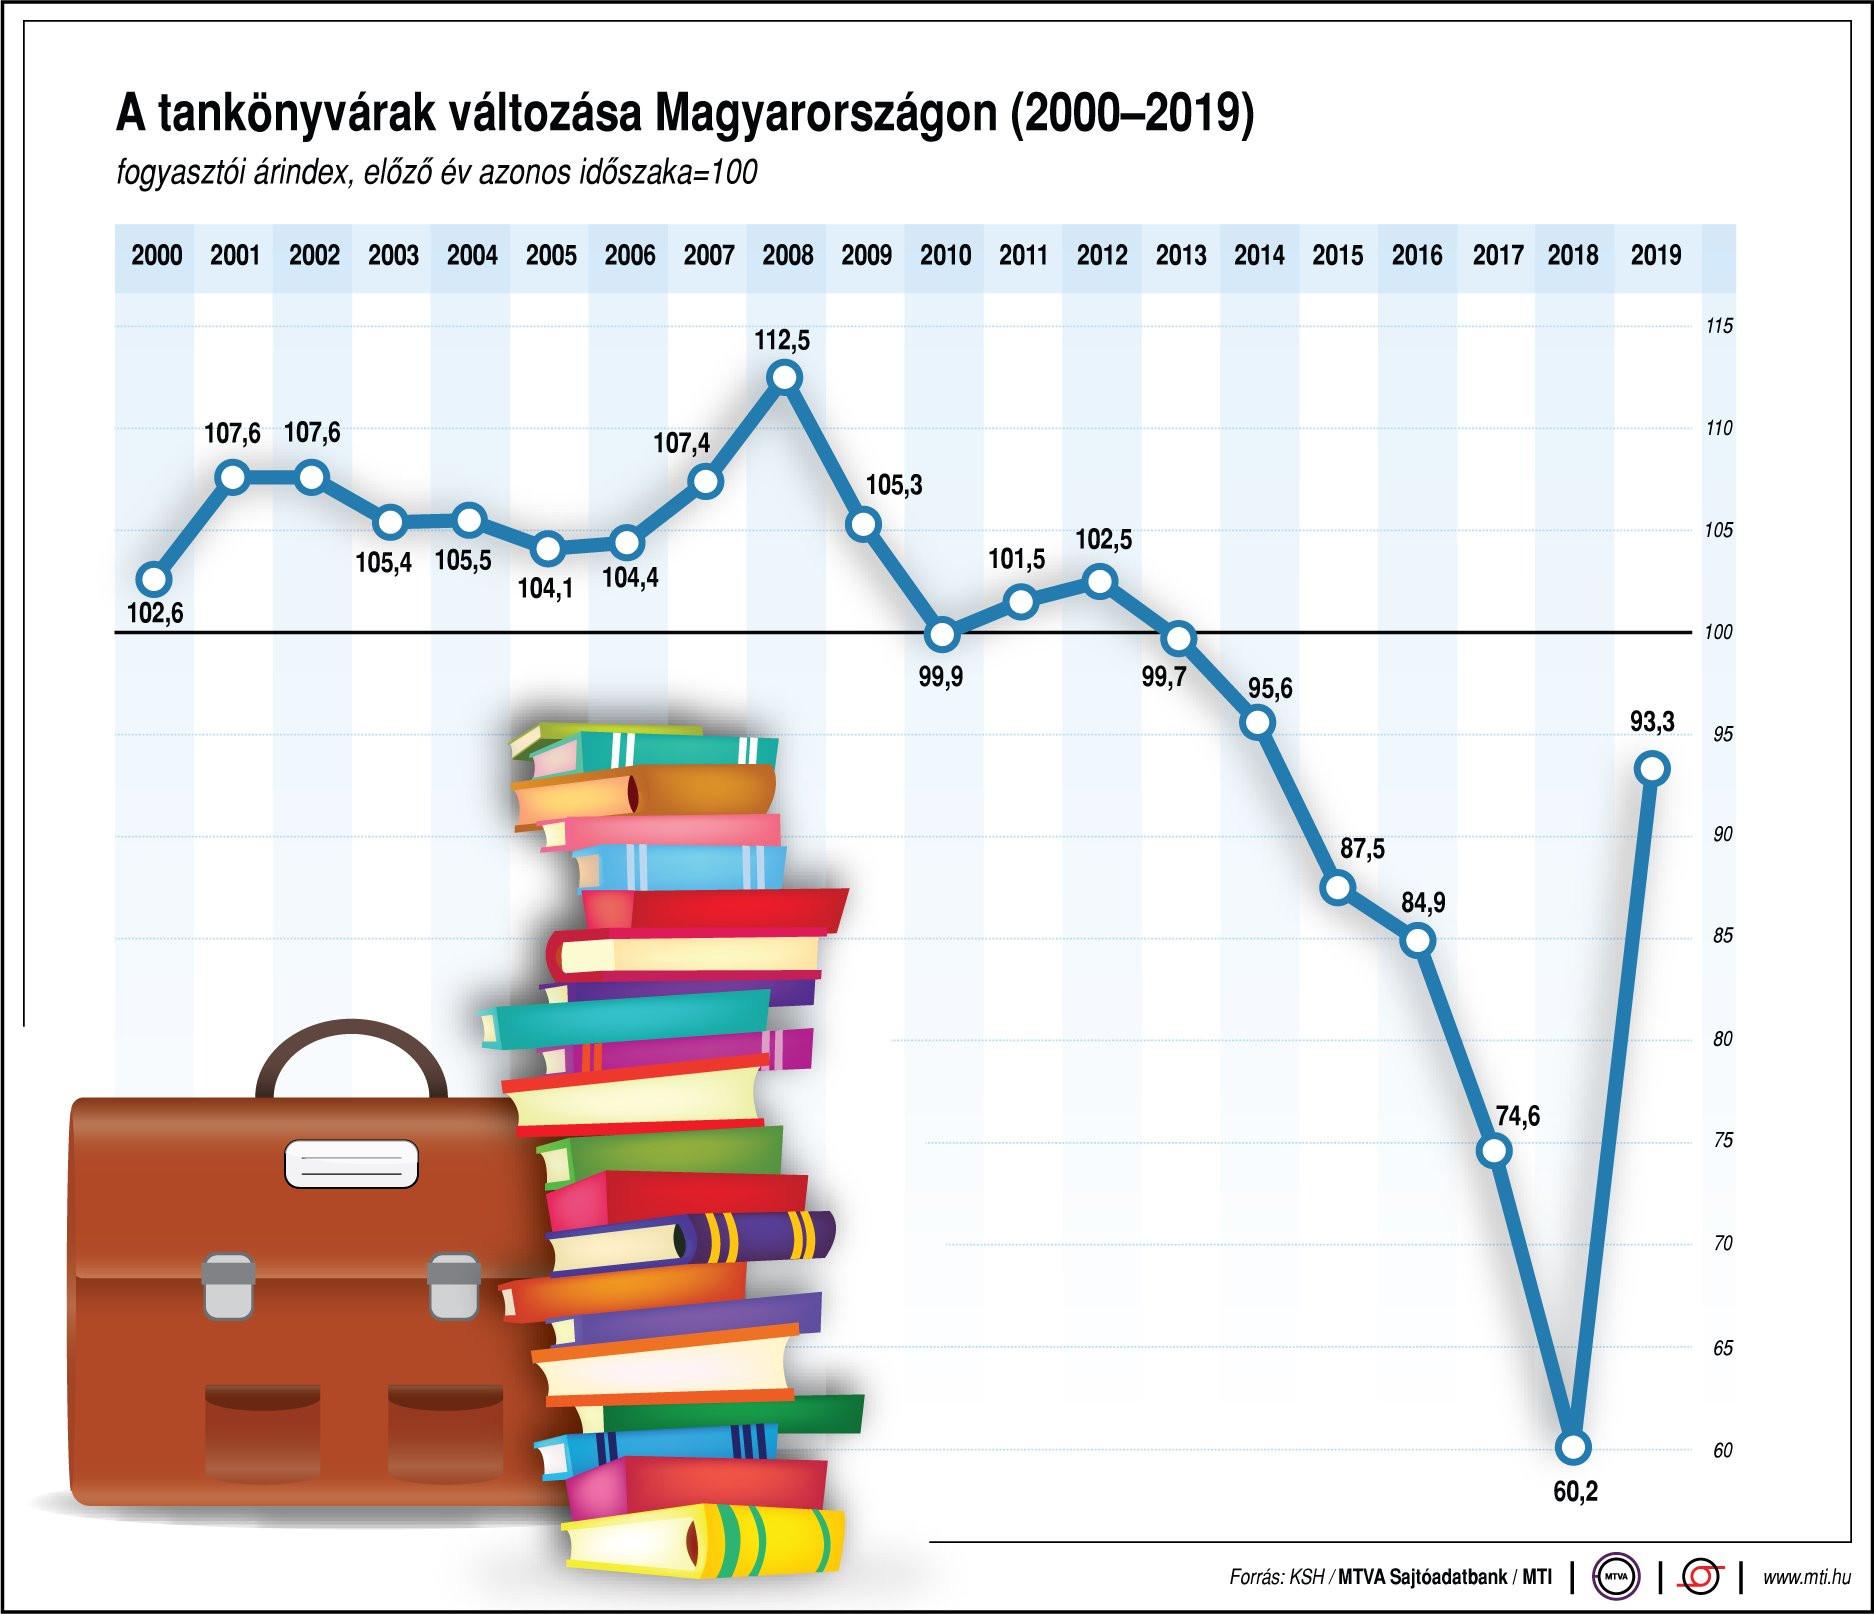 A tankönyvárak változása Magyarországon (2000-2019)